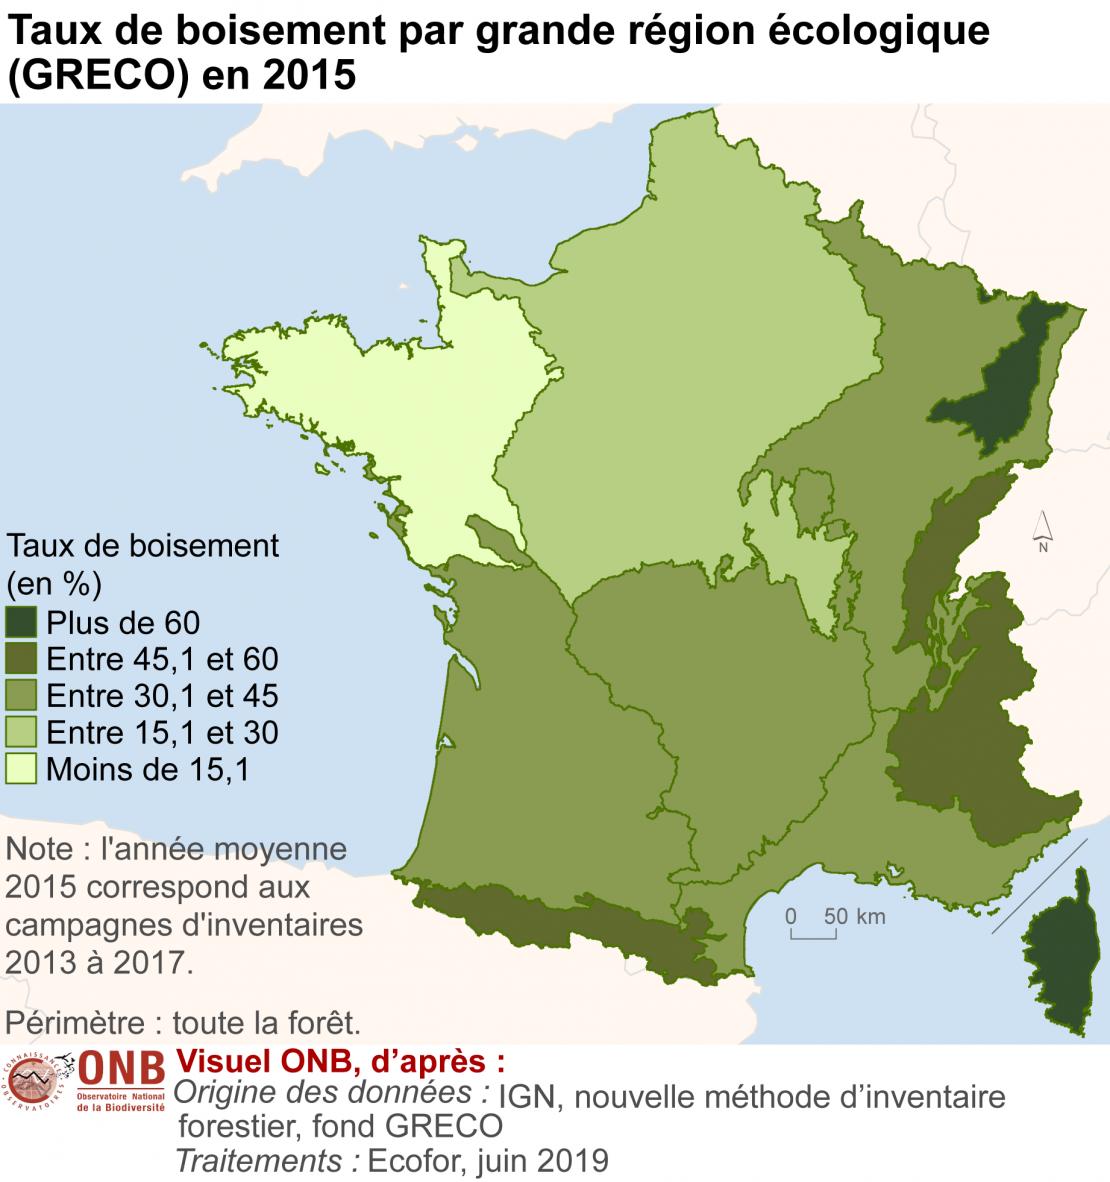 Évolution de la surface totale forêt et du taux de boisement par grande région écologique (GRECO) en France métropolitaine